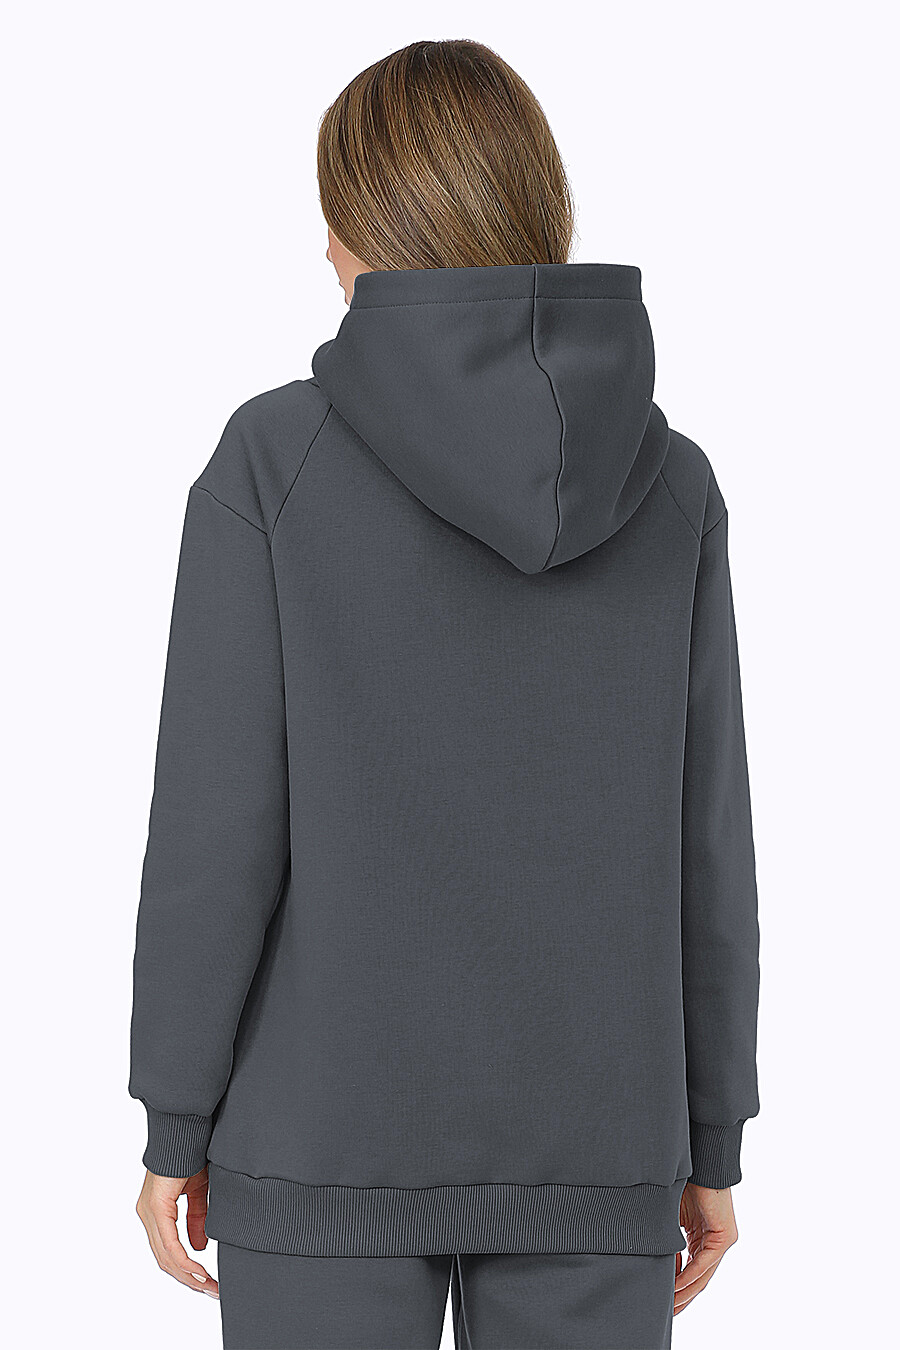 Худи для женщин EZANNA 708516 купить оптом от производителя. Совместная покупка женской одежды в OptMoyo